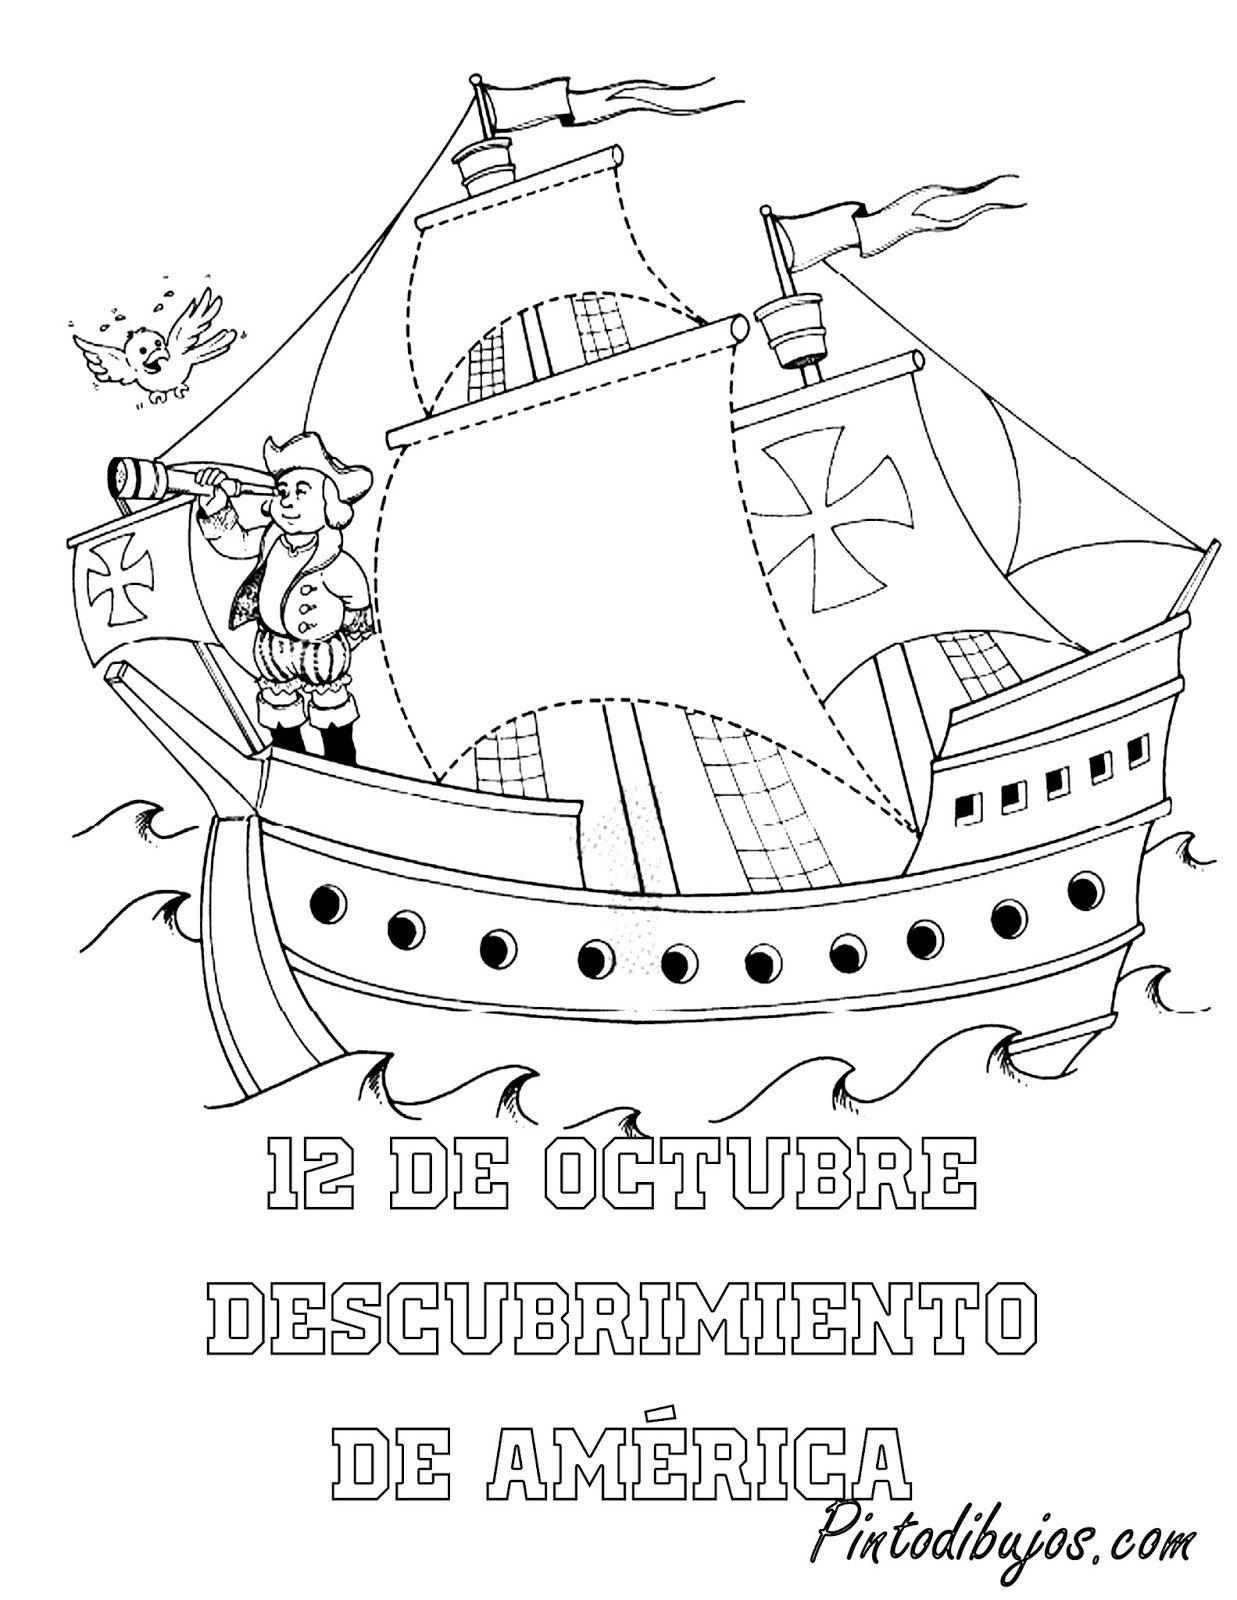 12 de octubre para colorear | descubrimiento de América para ...